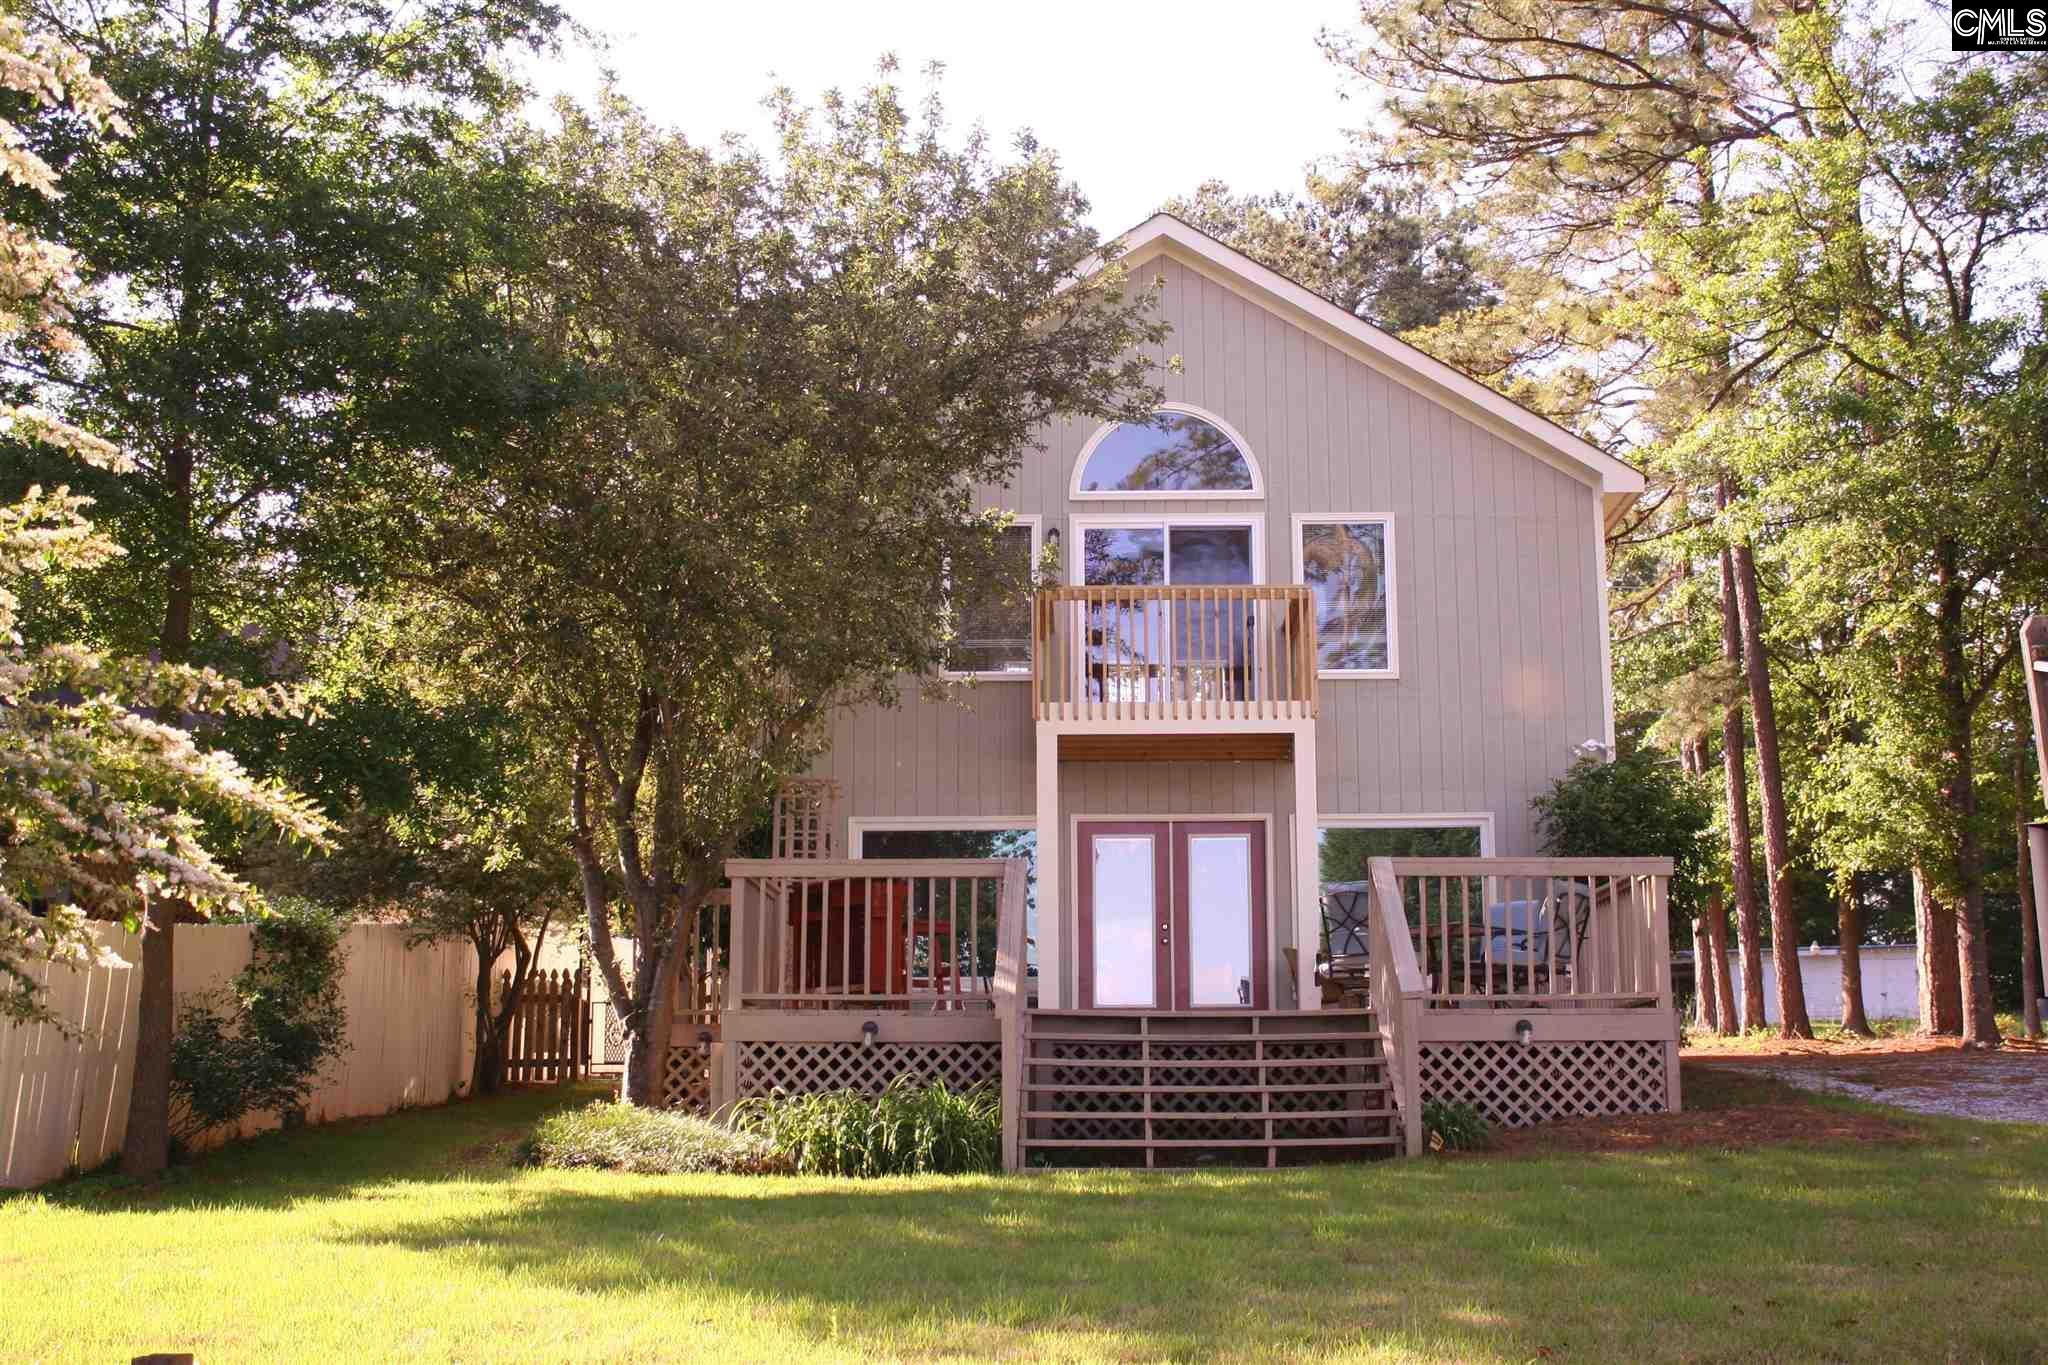 148  Dallas Chapin, SC 29036